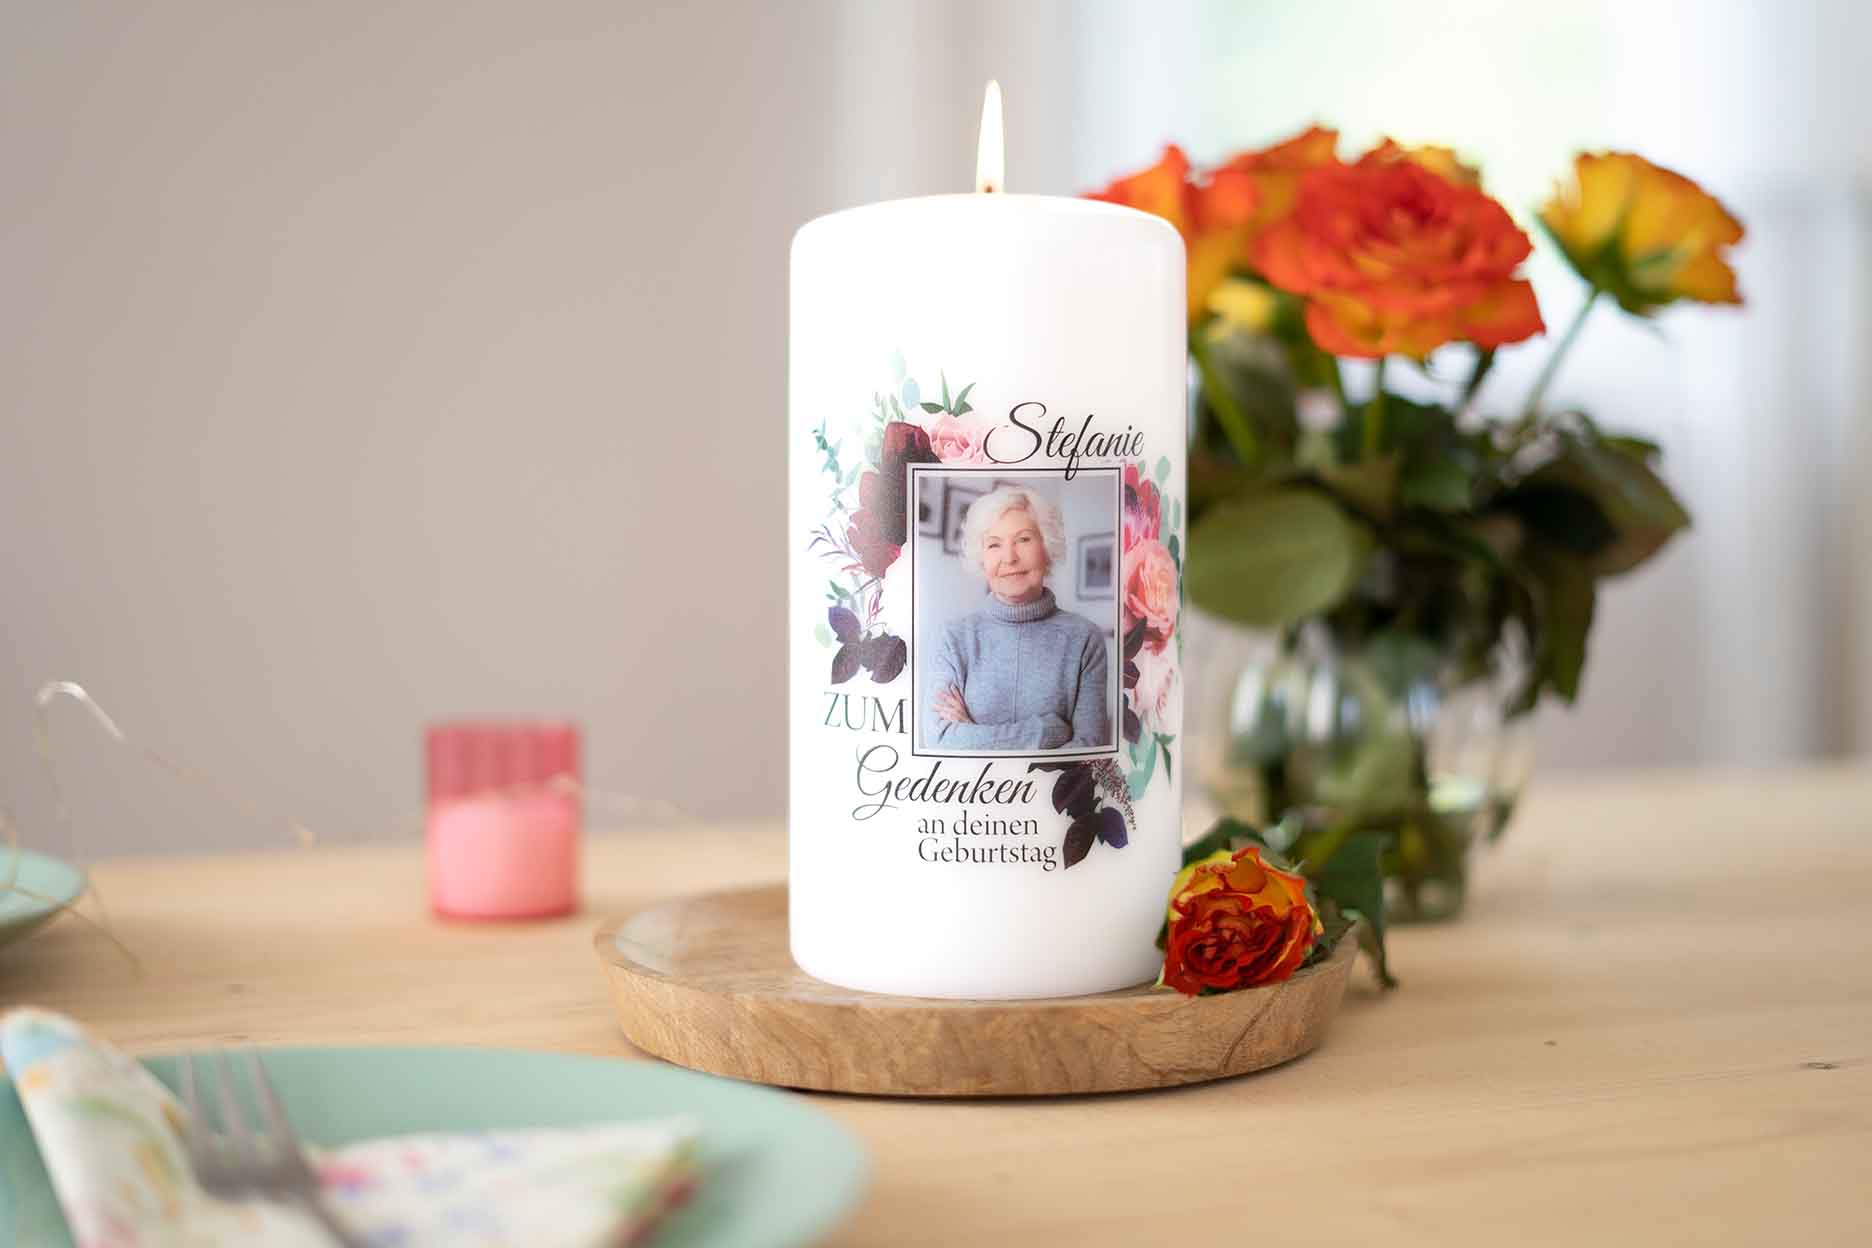 eine selbstgestaltete Gedenkkerze auf einem Tisch neben einem Blumenstrauß